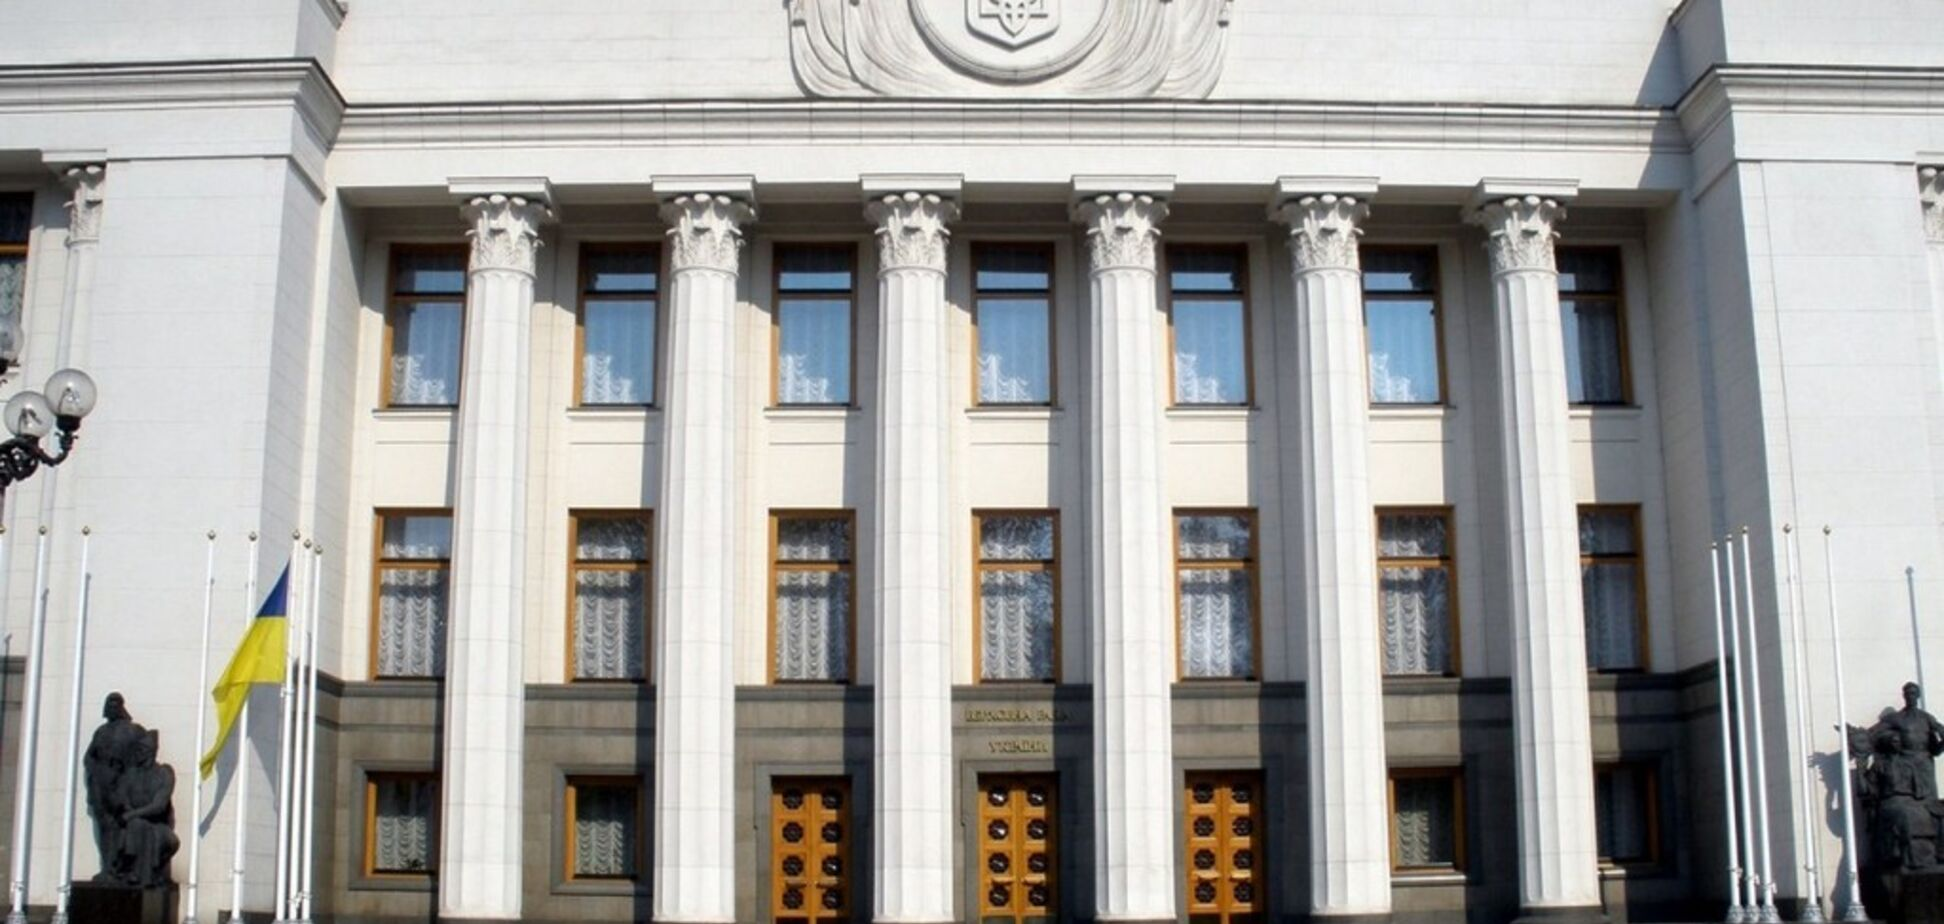 В Киеве закончили ремонт купола Верховной Рады: как он теперь выглядит